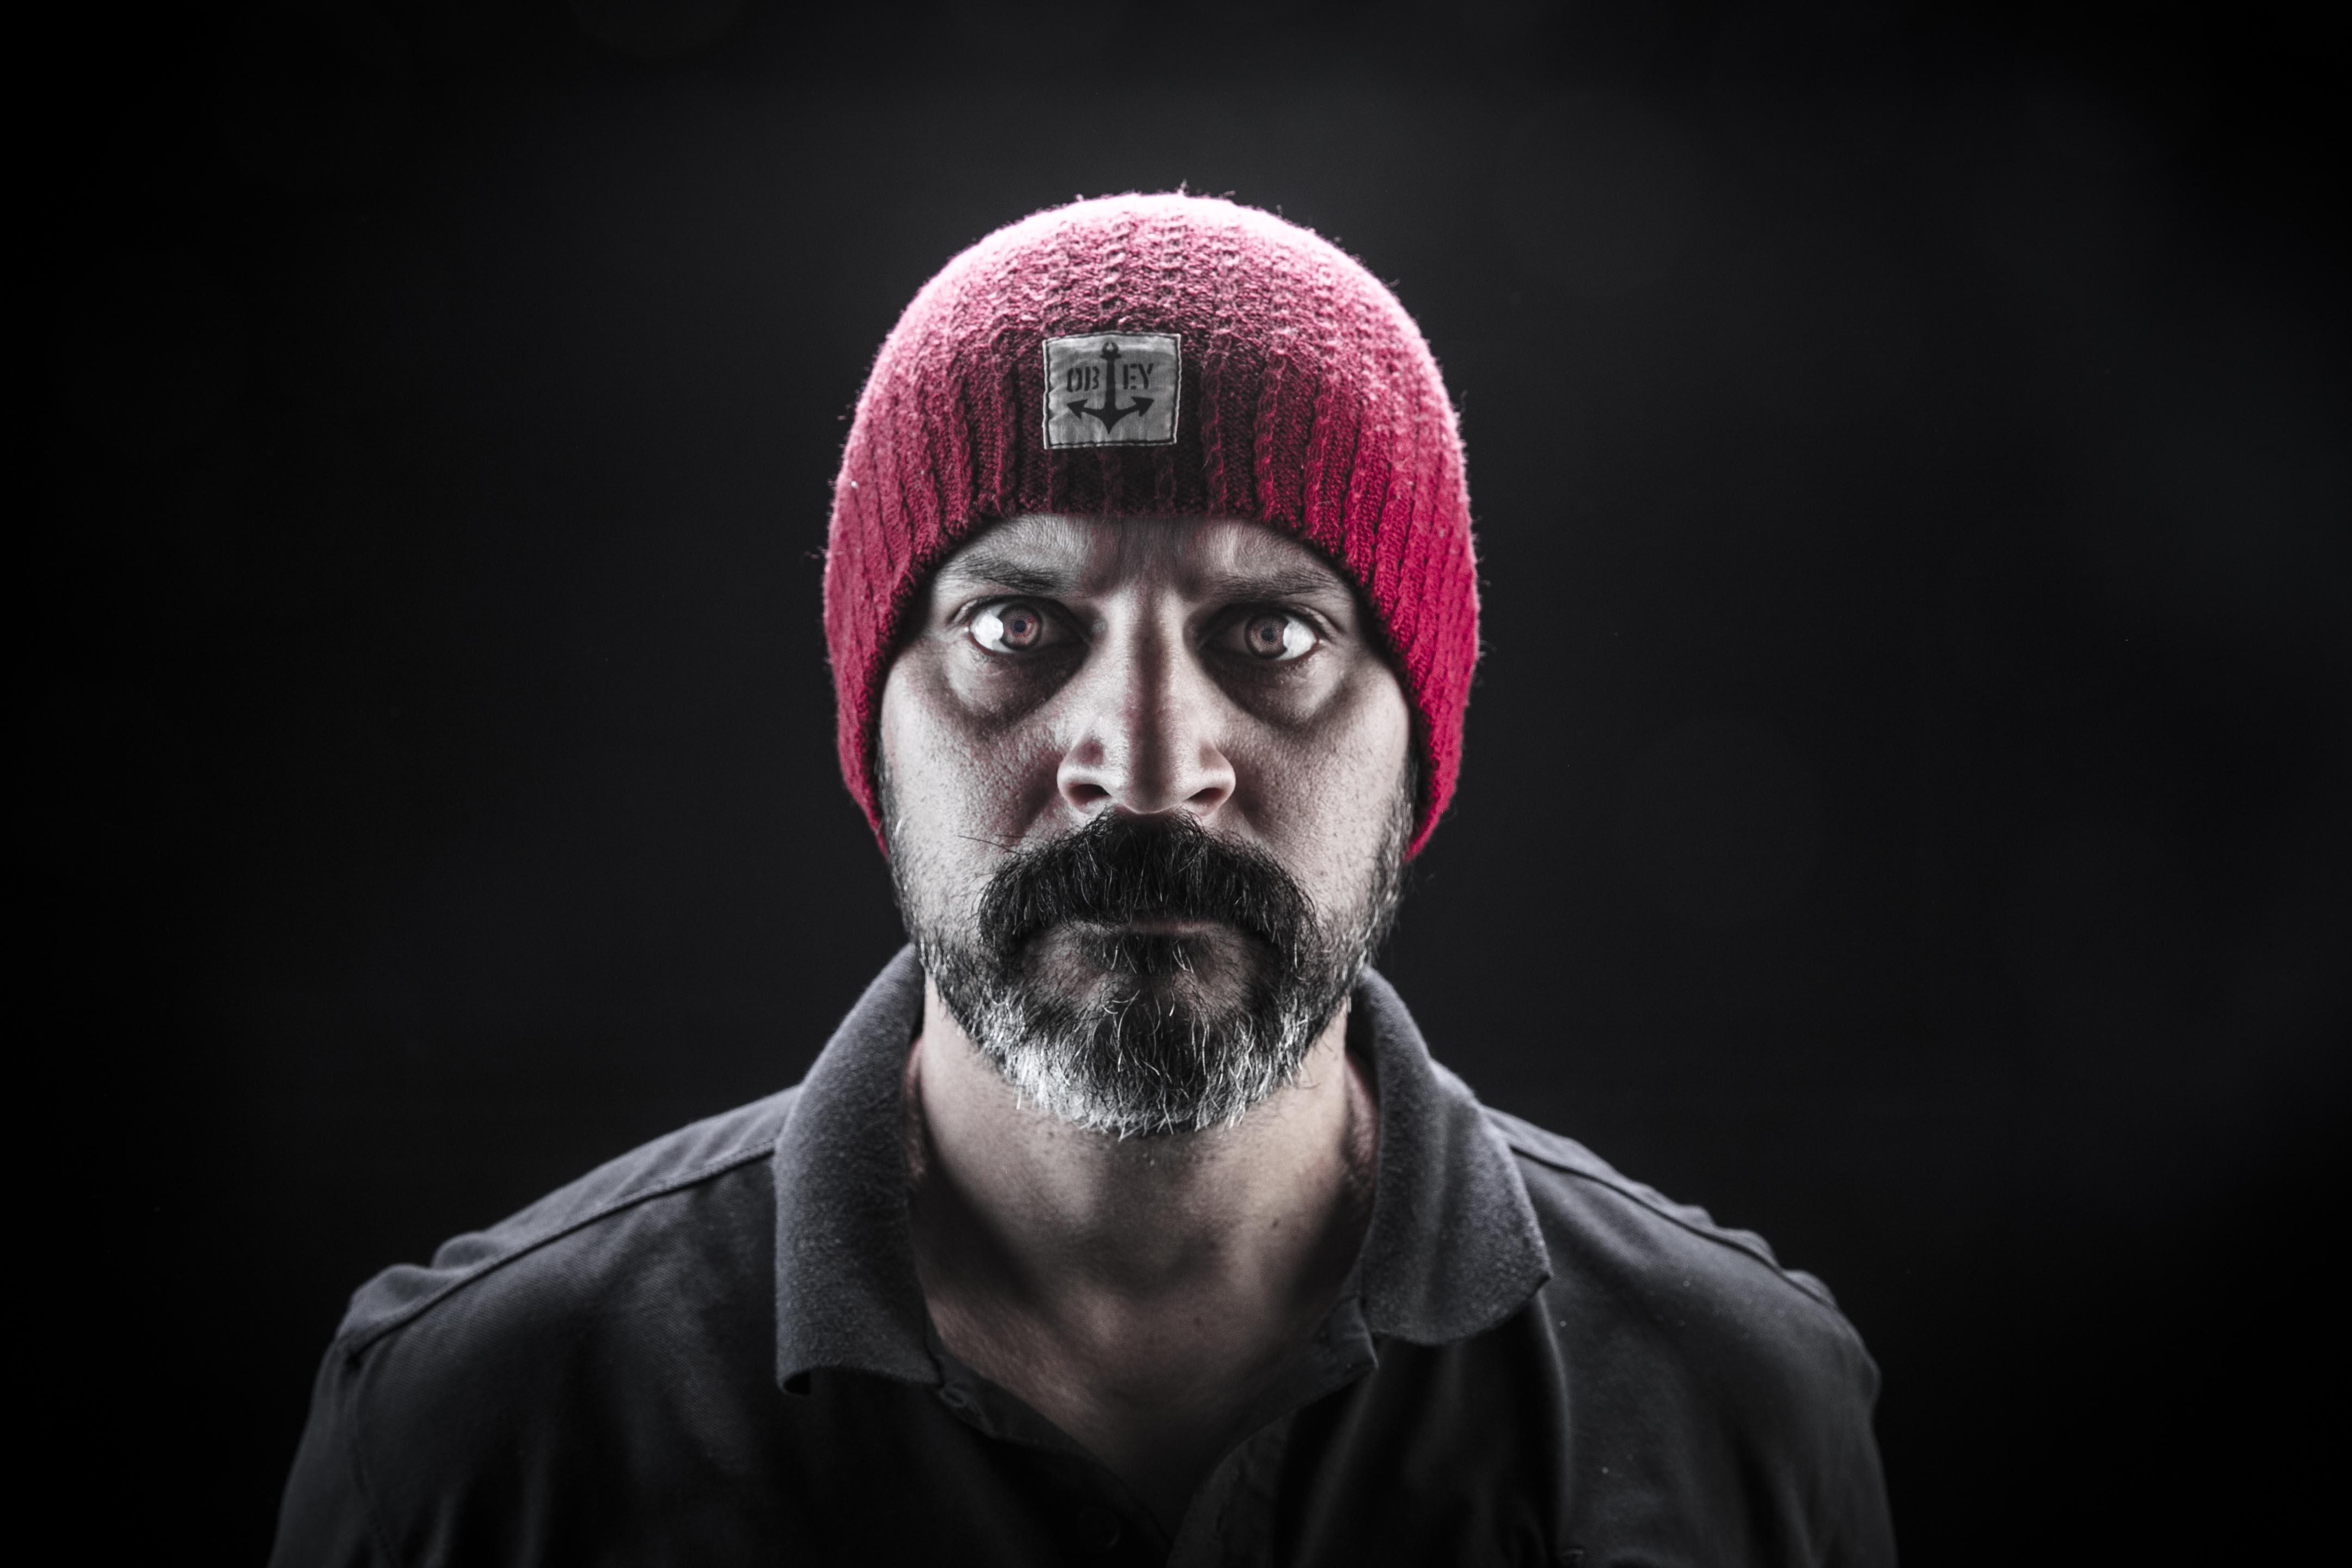 【夢占い】夢の中で怒られるのは何のサイン?怒られた人をどう思っている?深層心理を調査